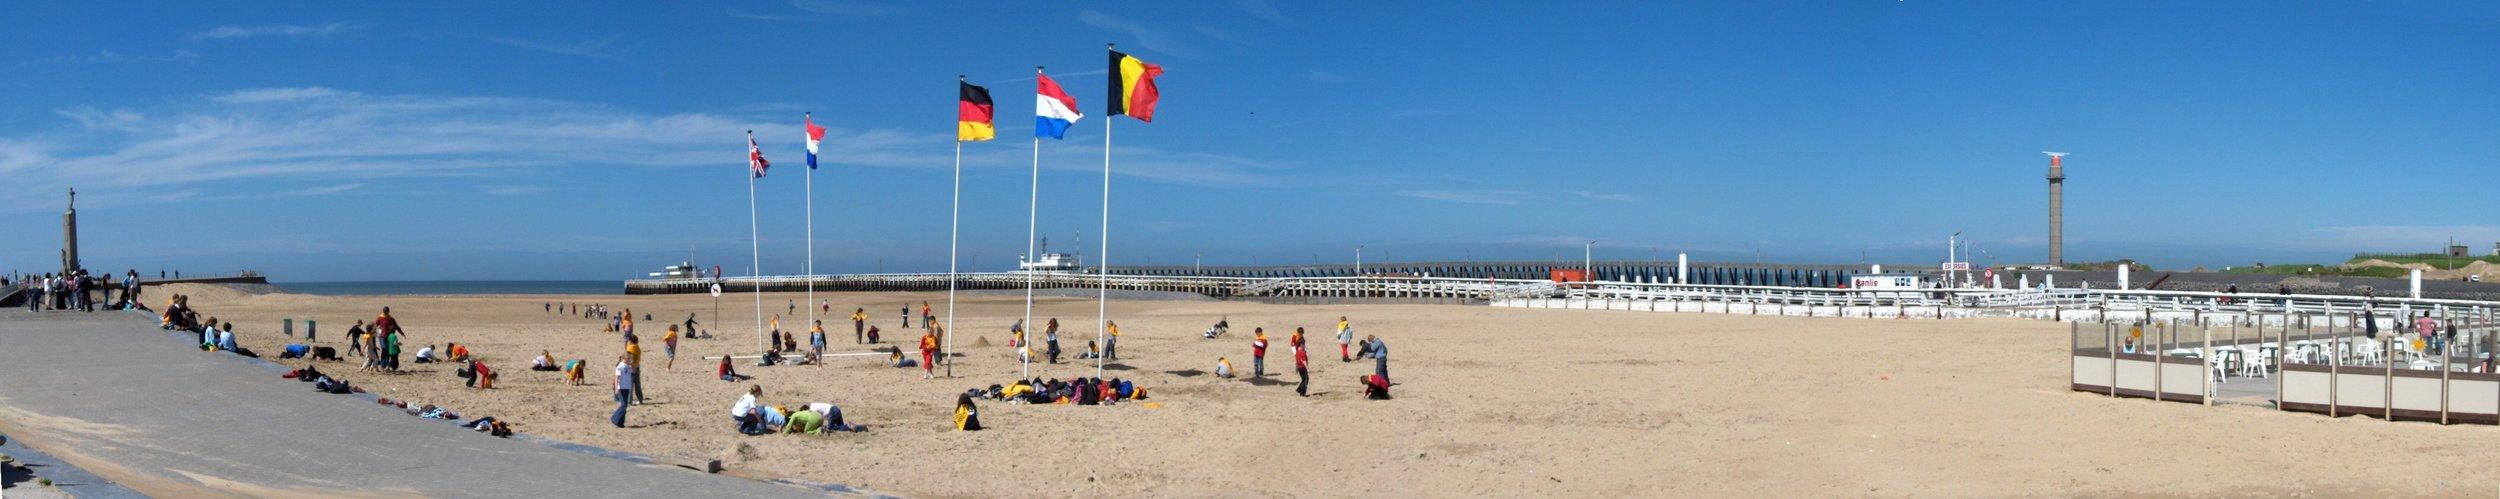 Oostende_panoramic_view.jpg